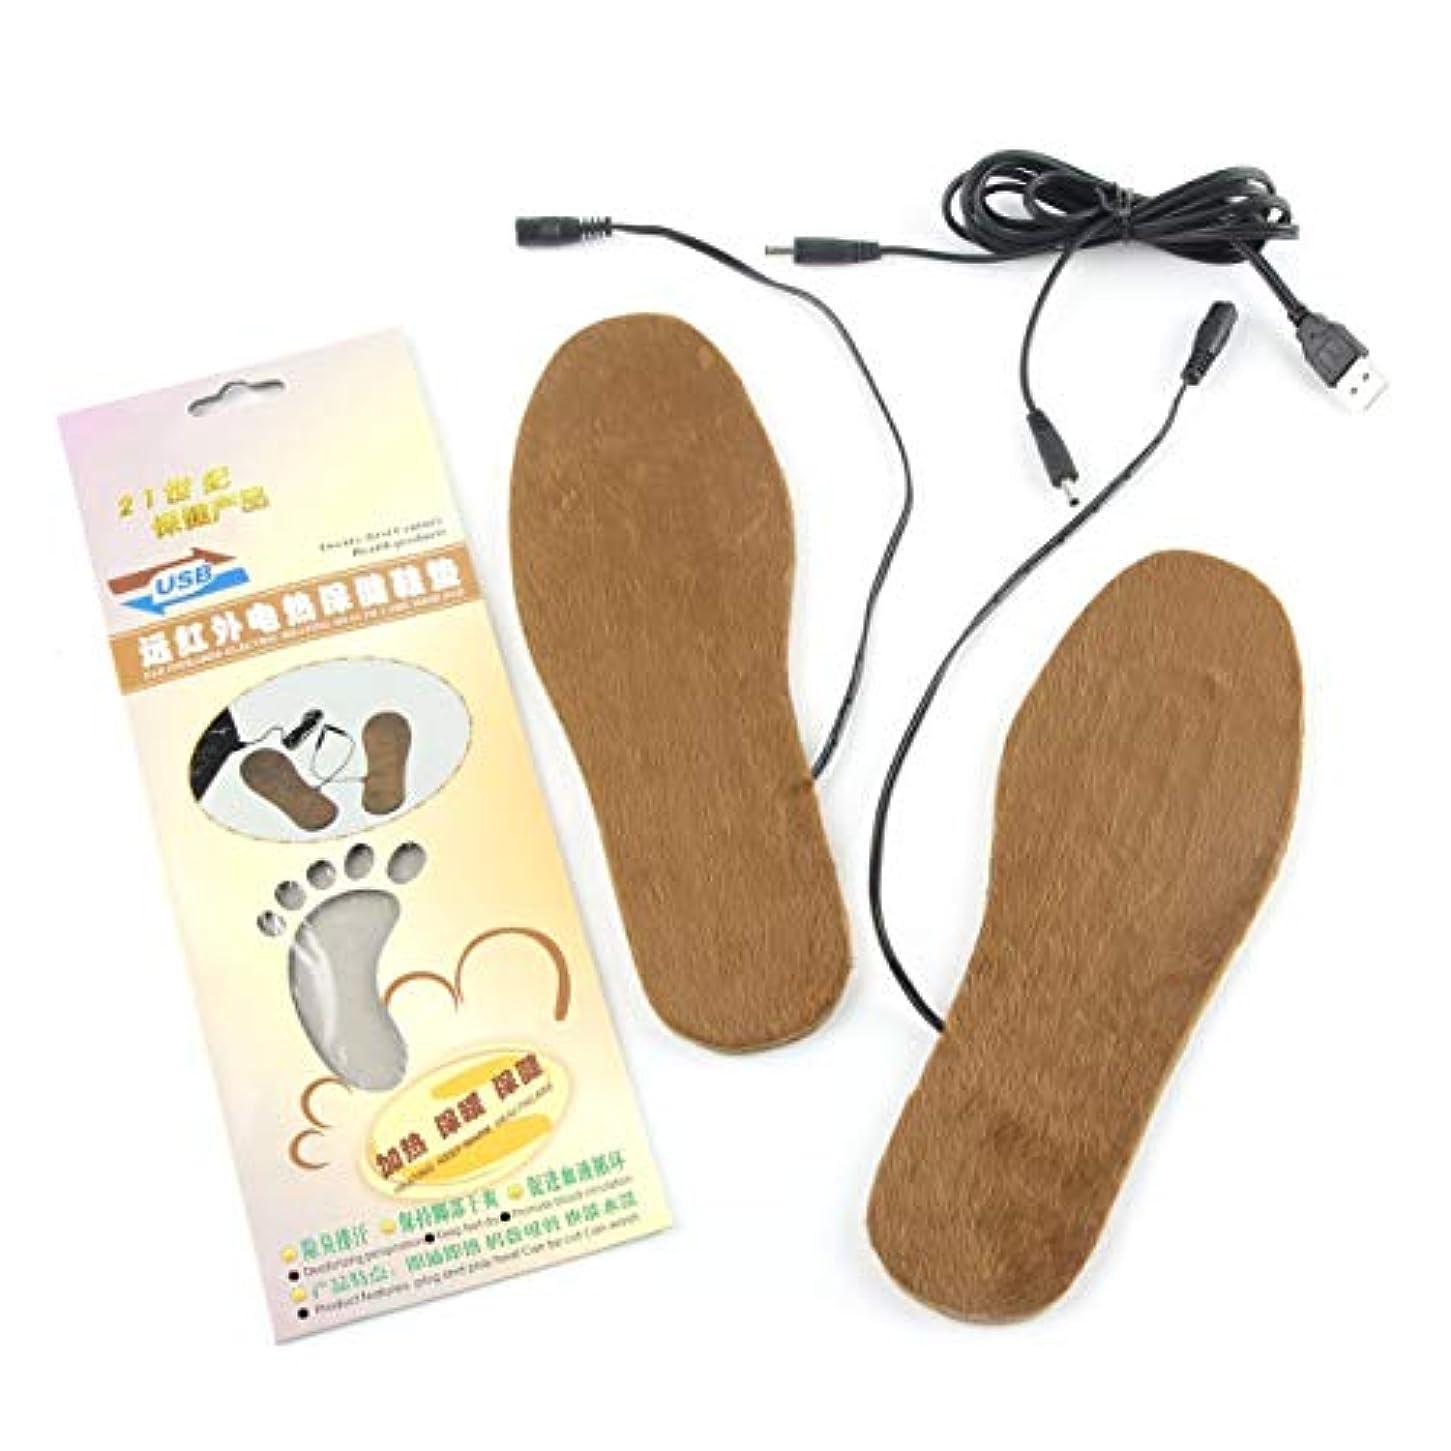 議題素朴なアクセルSaikogoods 1ペア切断可能冬のブーツインソールUSB温水フットウォーマーソフトシューズパッドクッション快適な靴のアクセサリー 淡い茶色 男性用